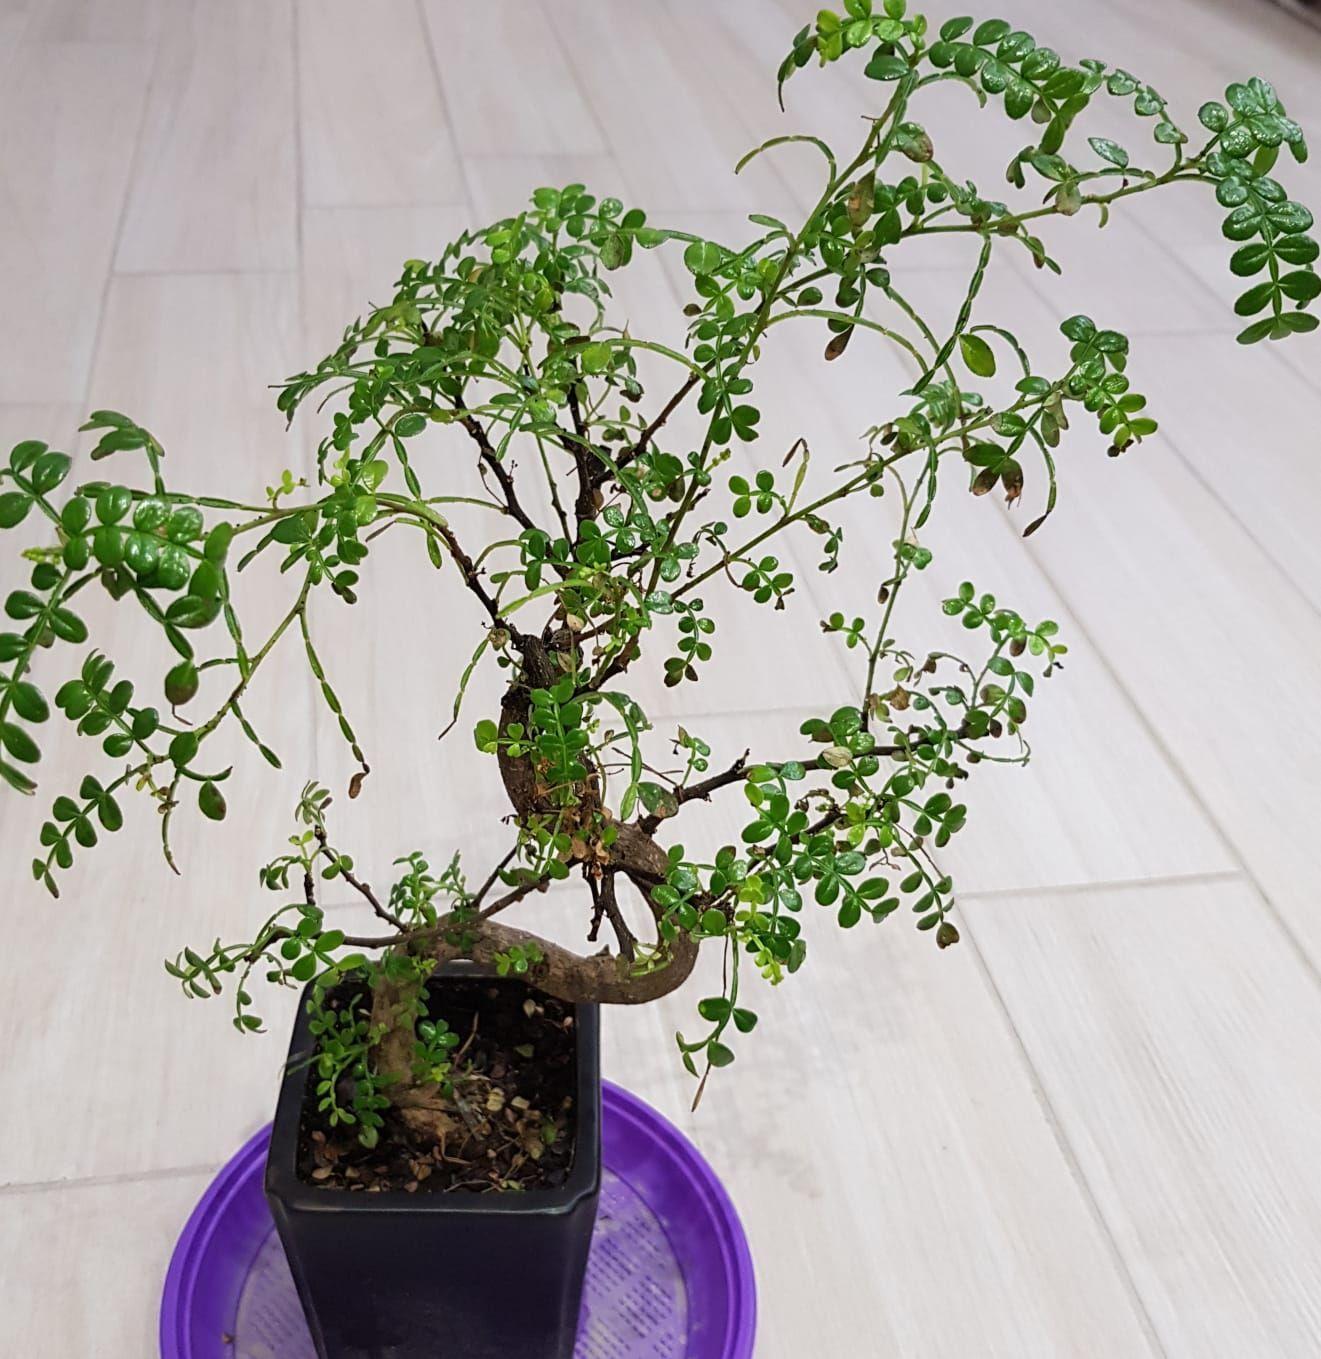 primo bonsai pepper tree: chiedo consigli 0f5e767b087f8820bdca4cb2fcfec375